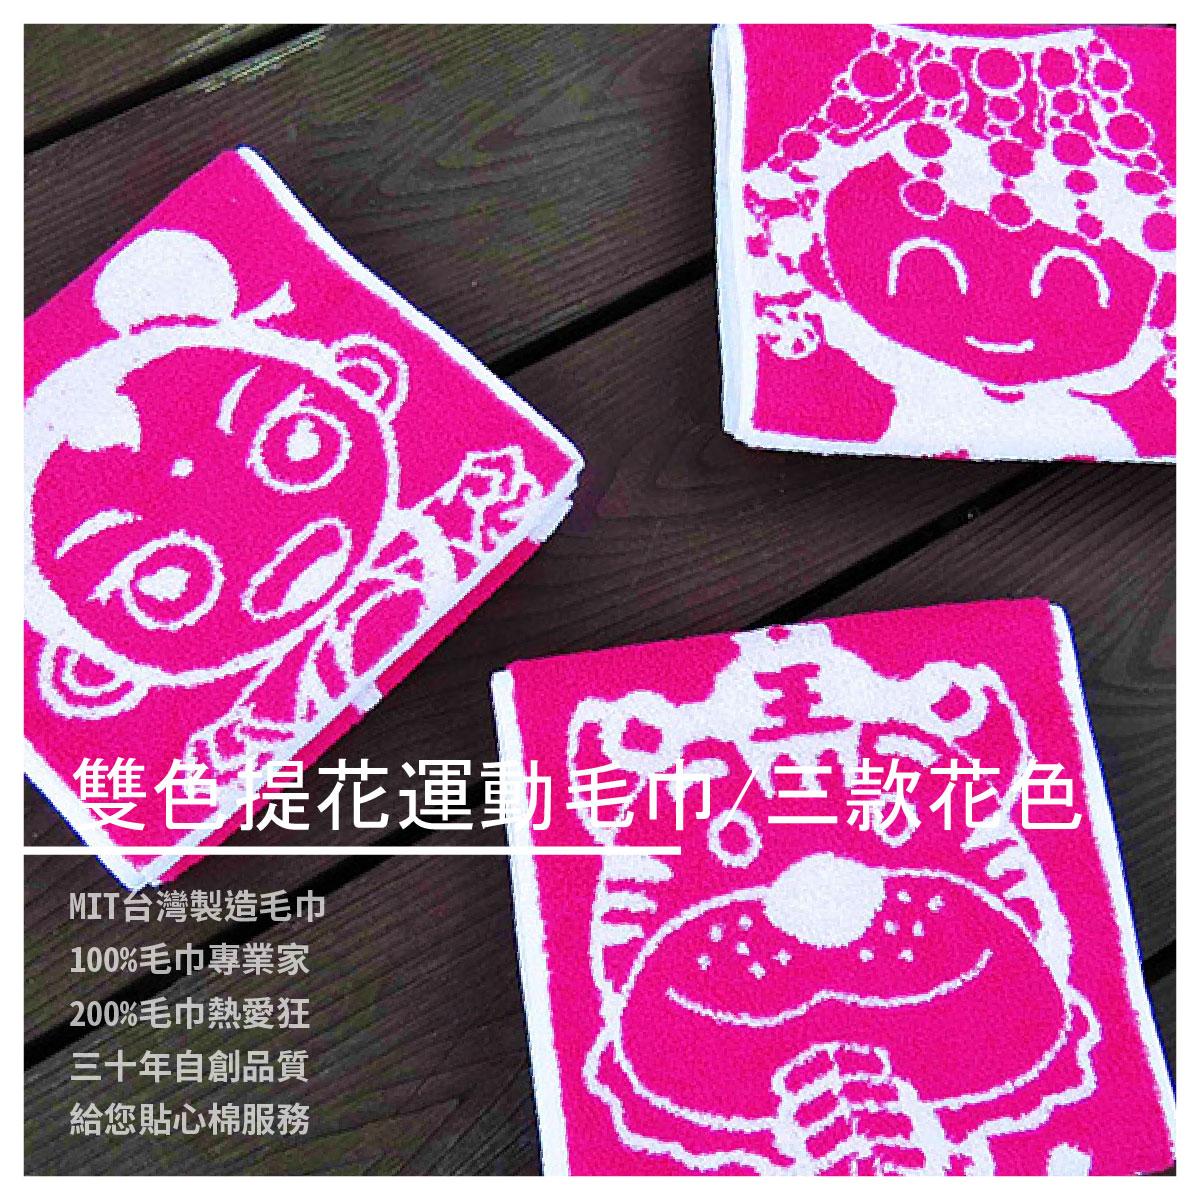 【彩虹毛巾】天上聖母/太子元帥/虎爺吃炮雙色提花運動毛巾/三款花色